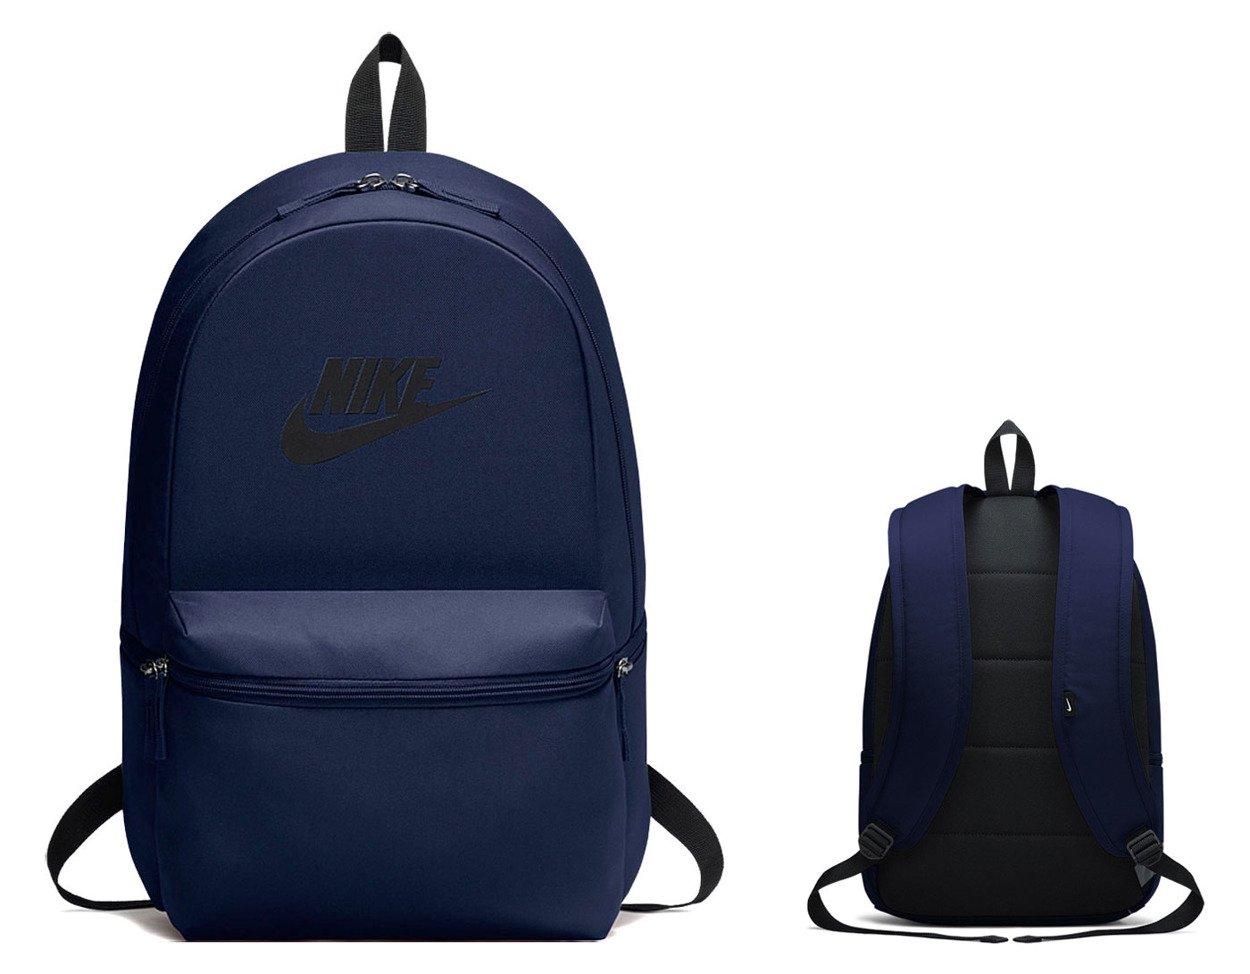 1ac25bbc50116 ... Granatowy plecak szkolny Nike Heritage Backpack BA5749-451 ...